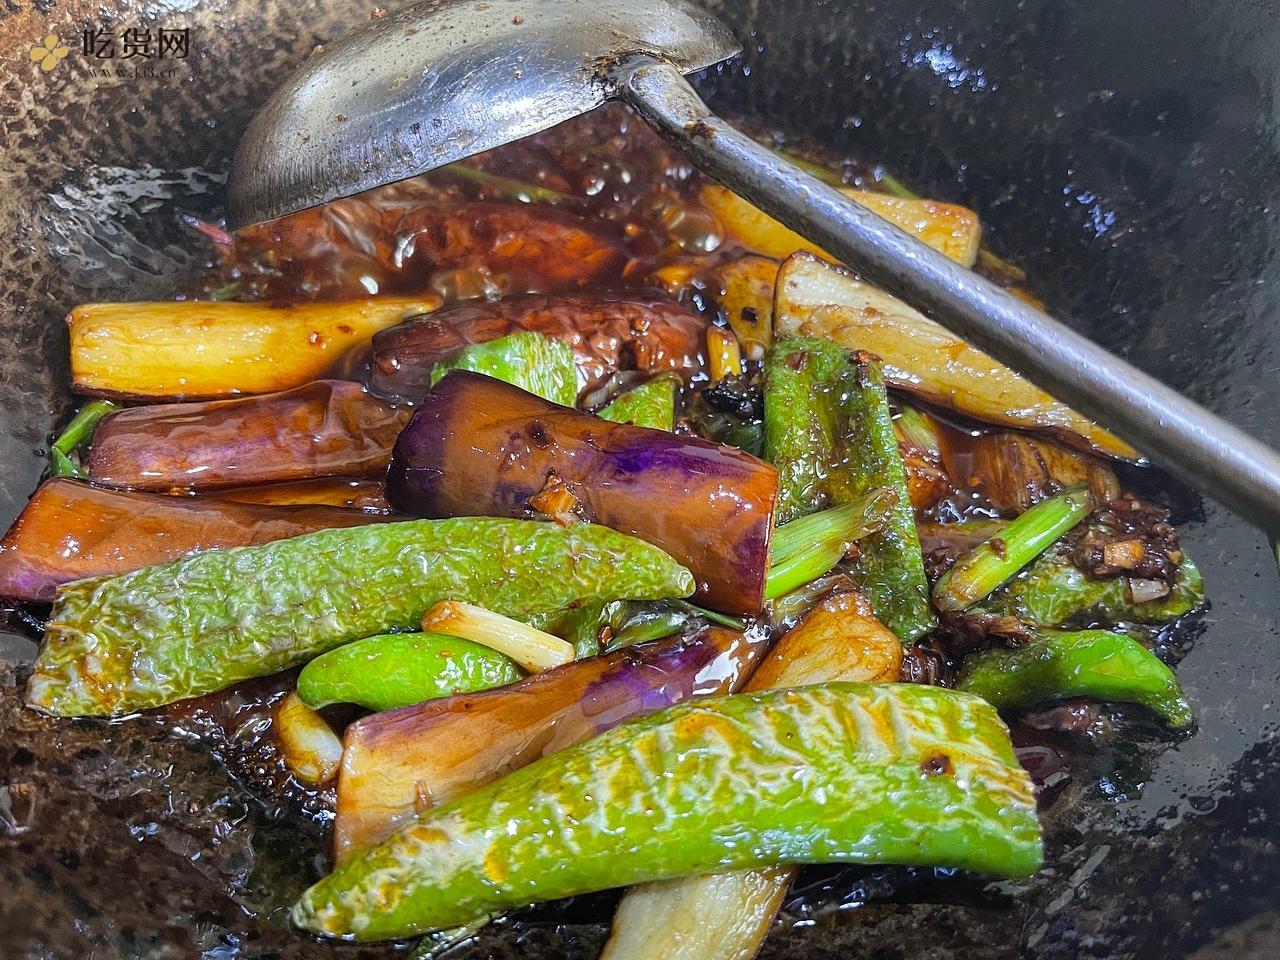 超级下饭|虎皮辣椒烧茄子🍆(零失误版)的做法 步骤10